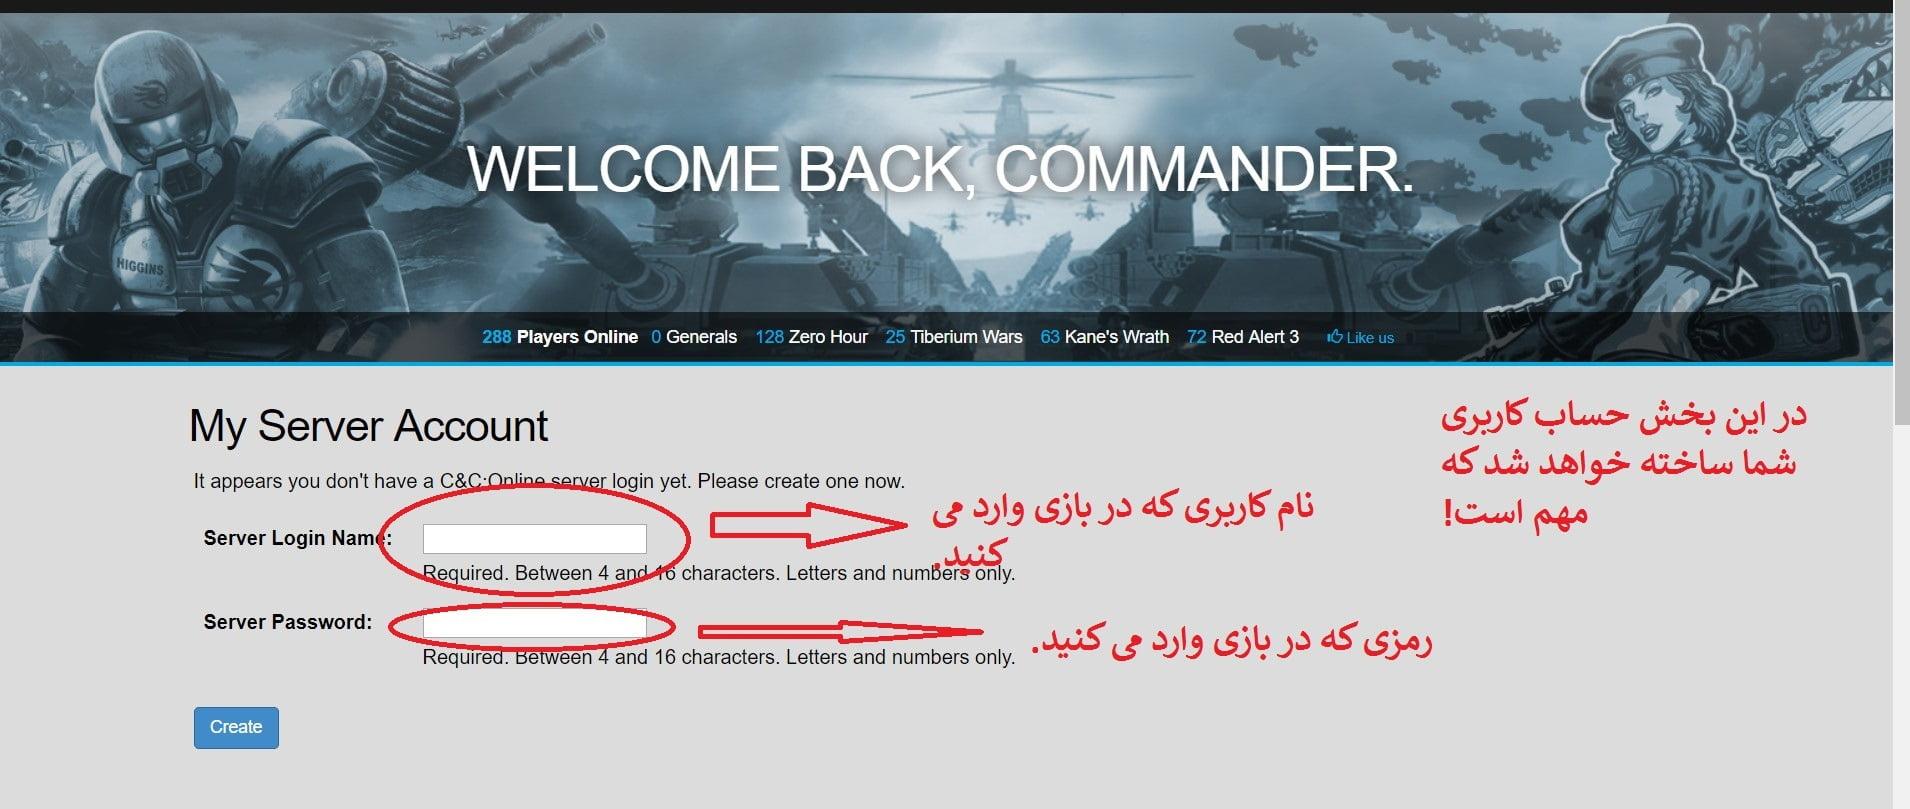 آموزش آنلاین بازی کردن  C&C: Generals Zero Hour